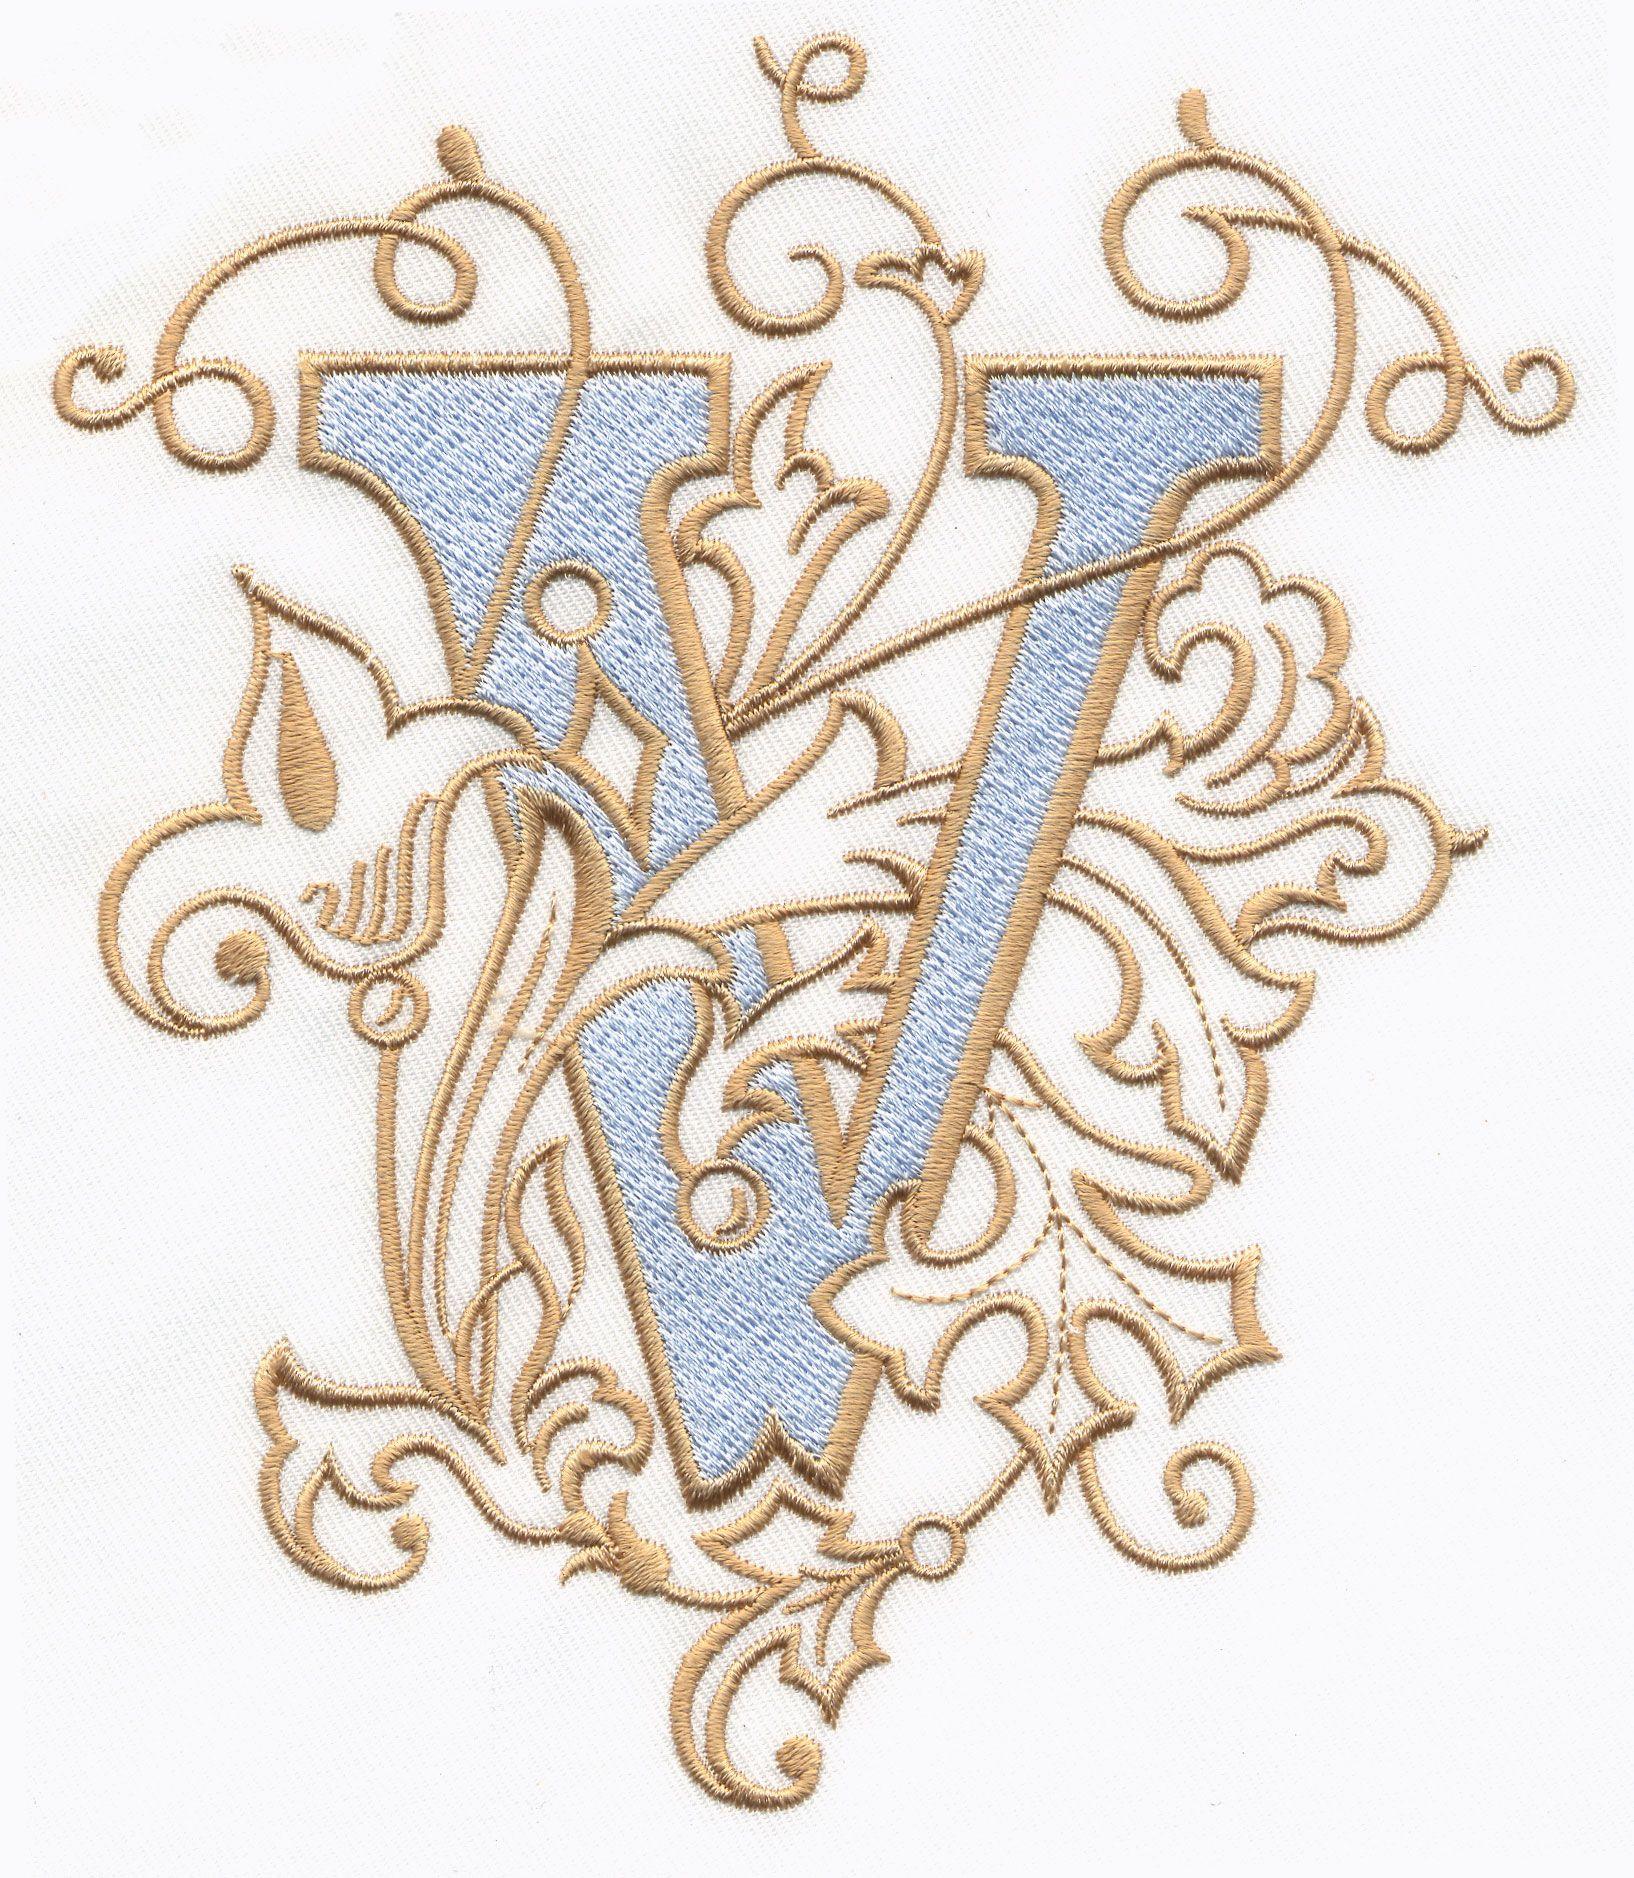 Vintage Royal Alphabet Amp Accent Designs Alphabets